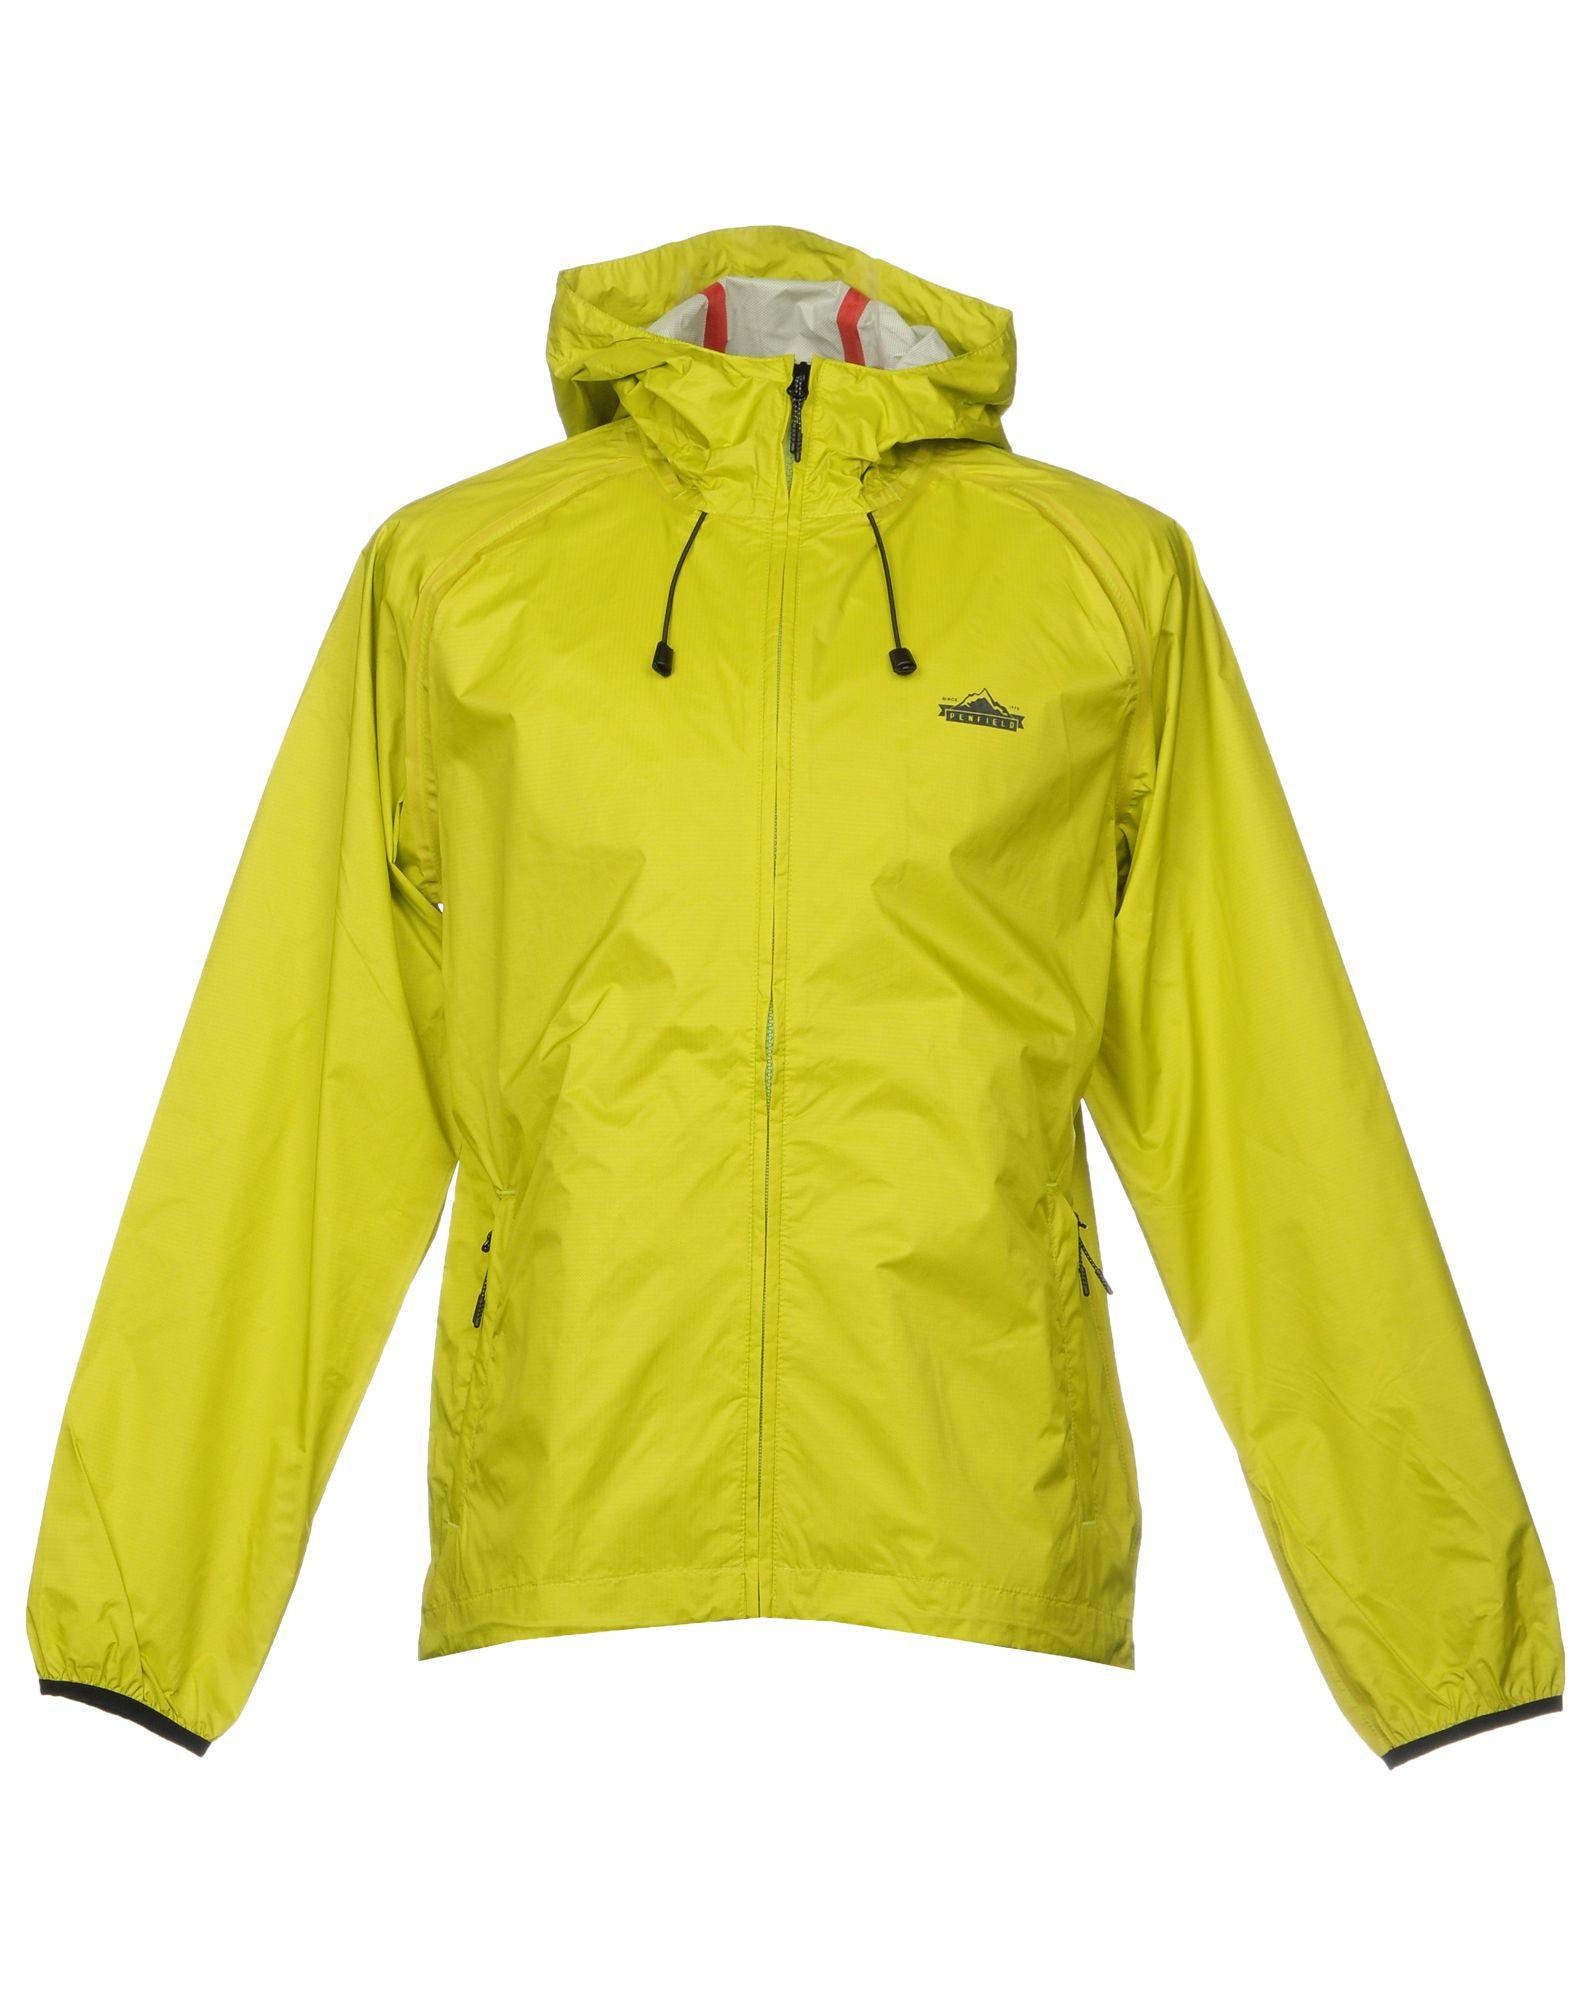 PENFIELD Куртка куртка penfield kingman weatherproof jacket yellow s